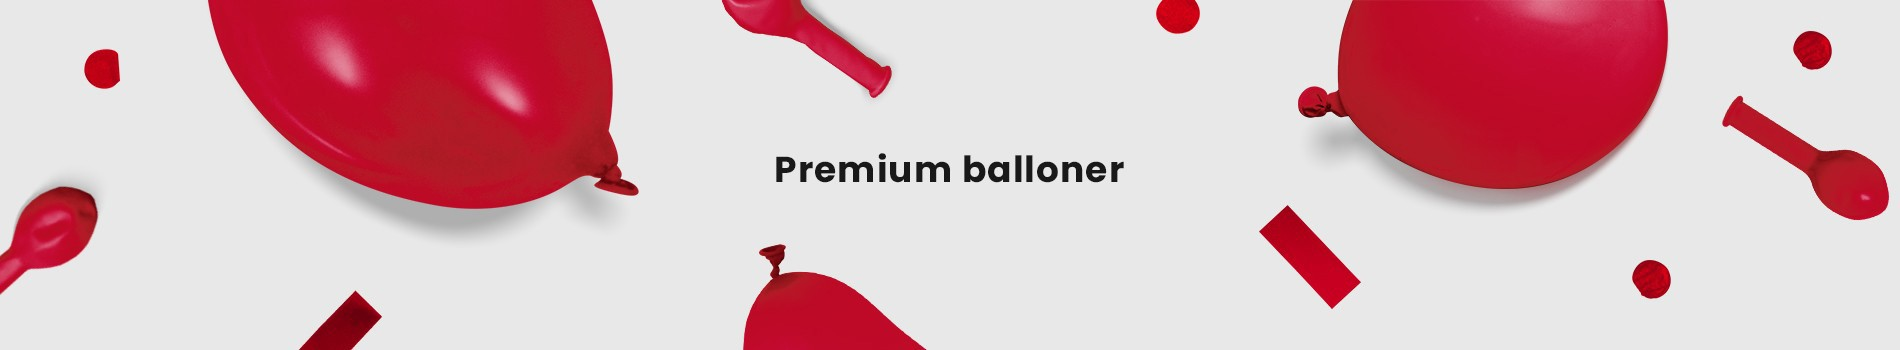 Billiga ballonger | Födelsedagen | Alltid snabb och säker leverans